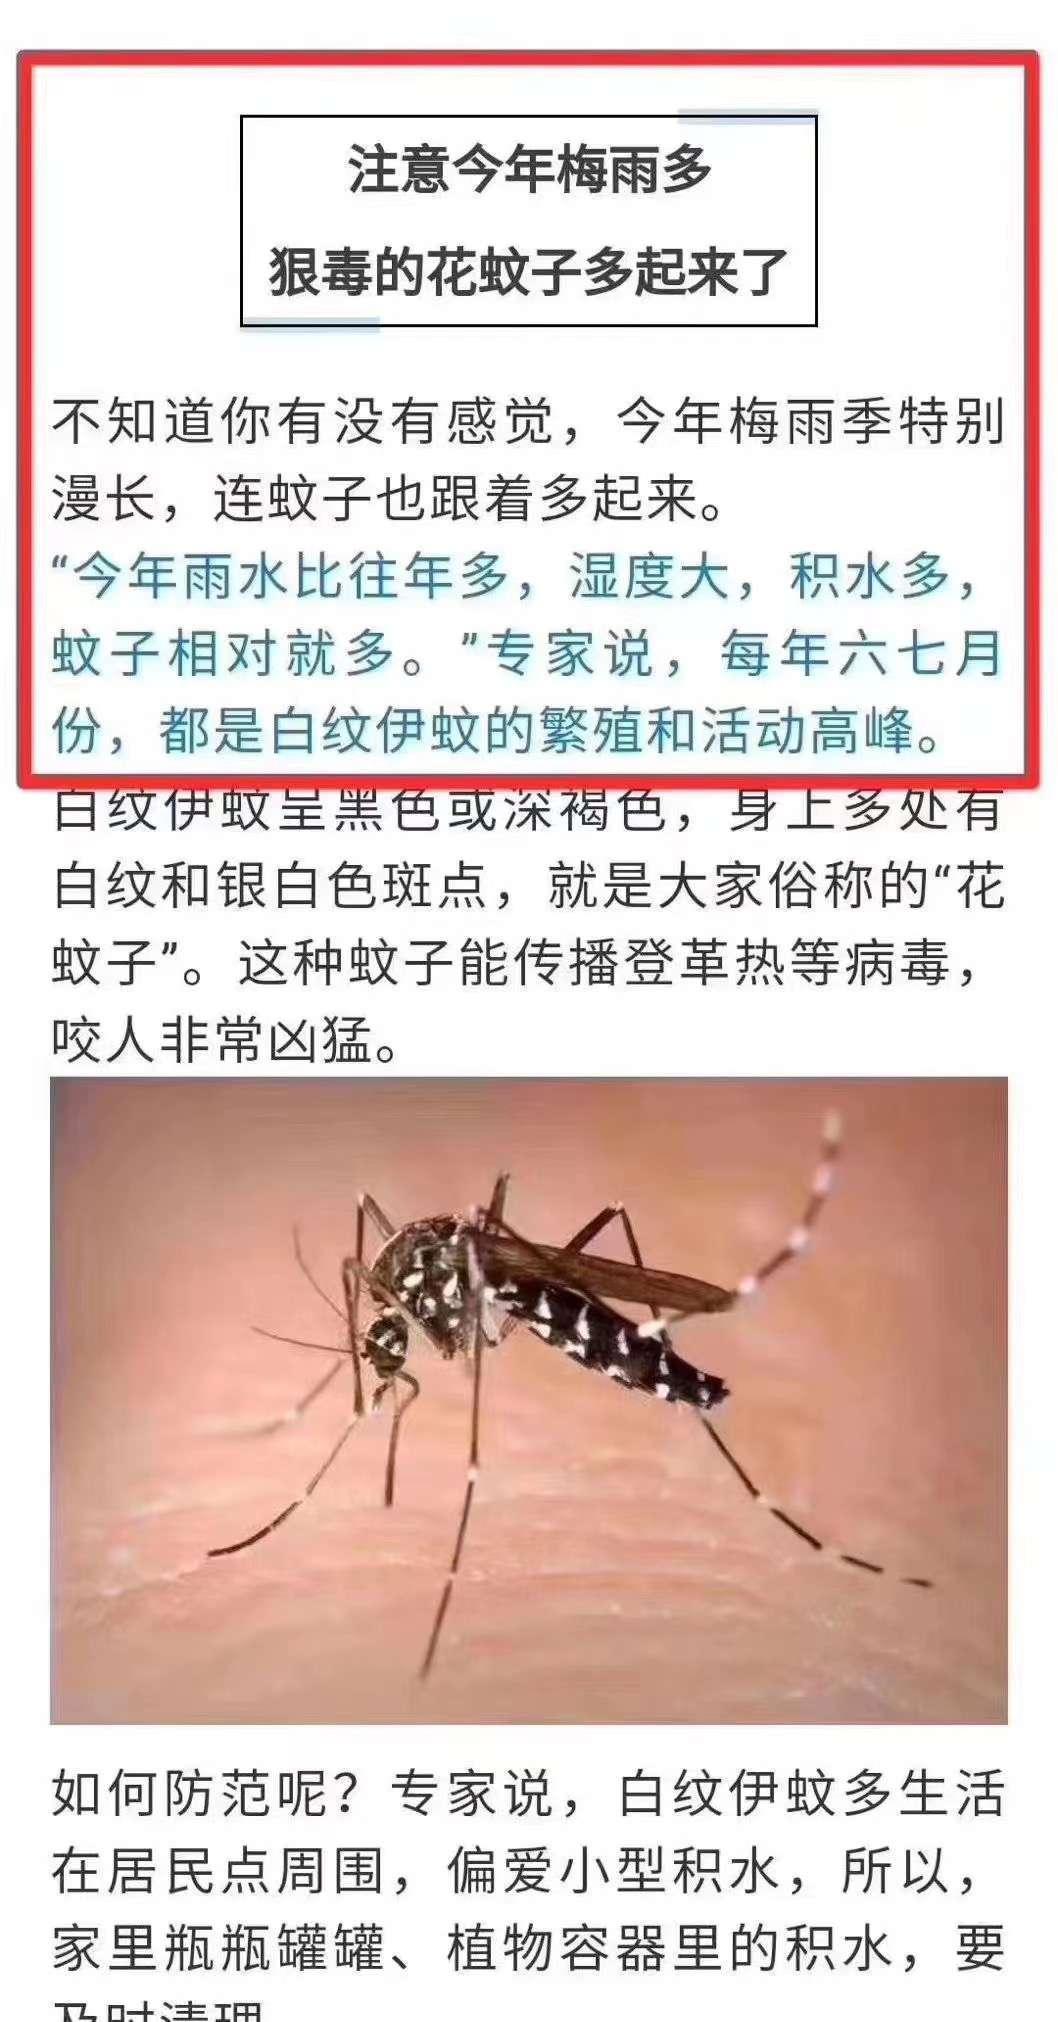 注意!花蚊子出没